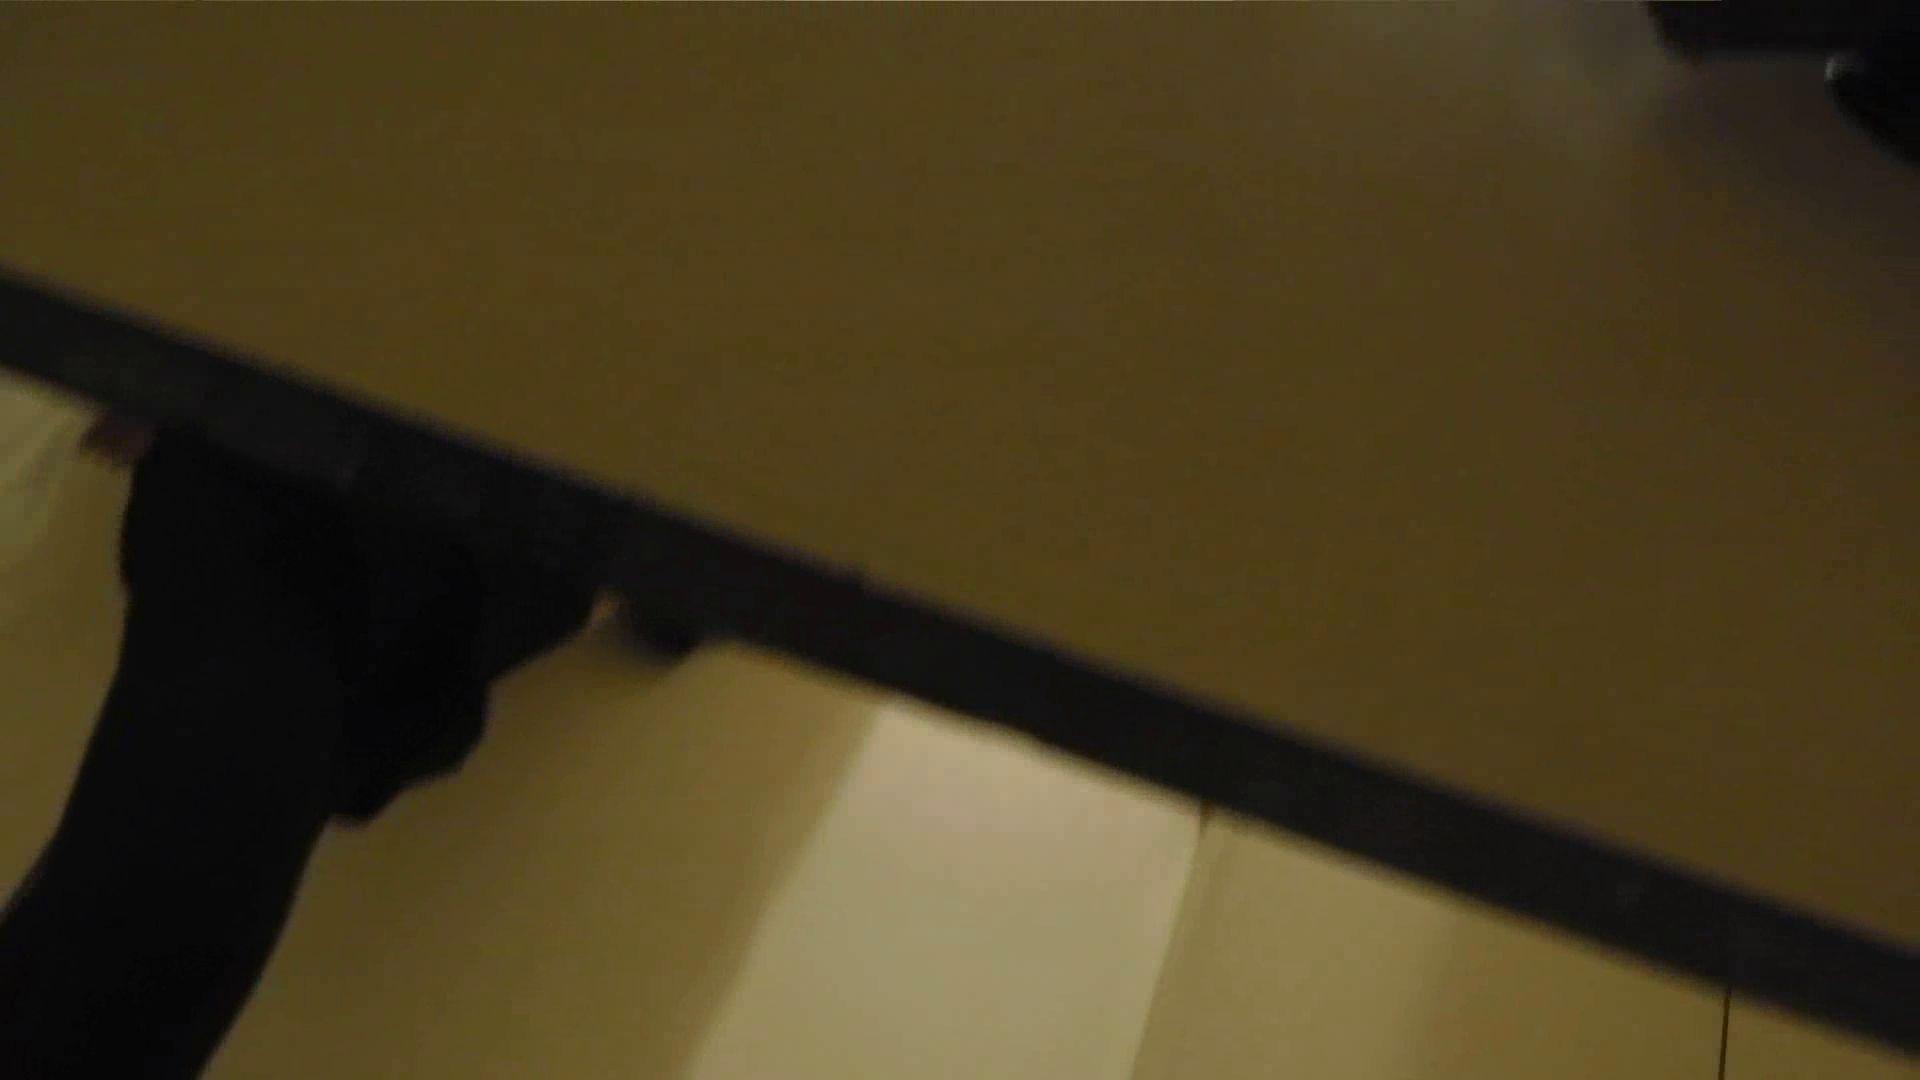 世界の射窓から vol.41 ぼうしタンのアソコ OL女体 | 洗面所  69連発 33